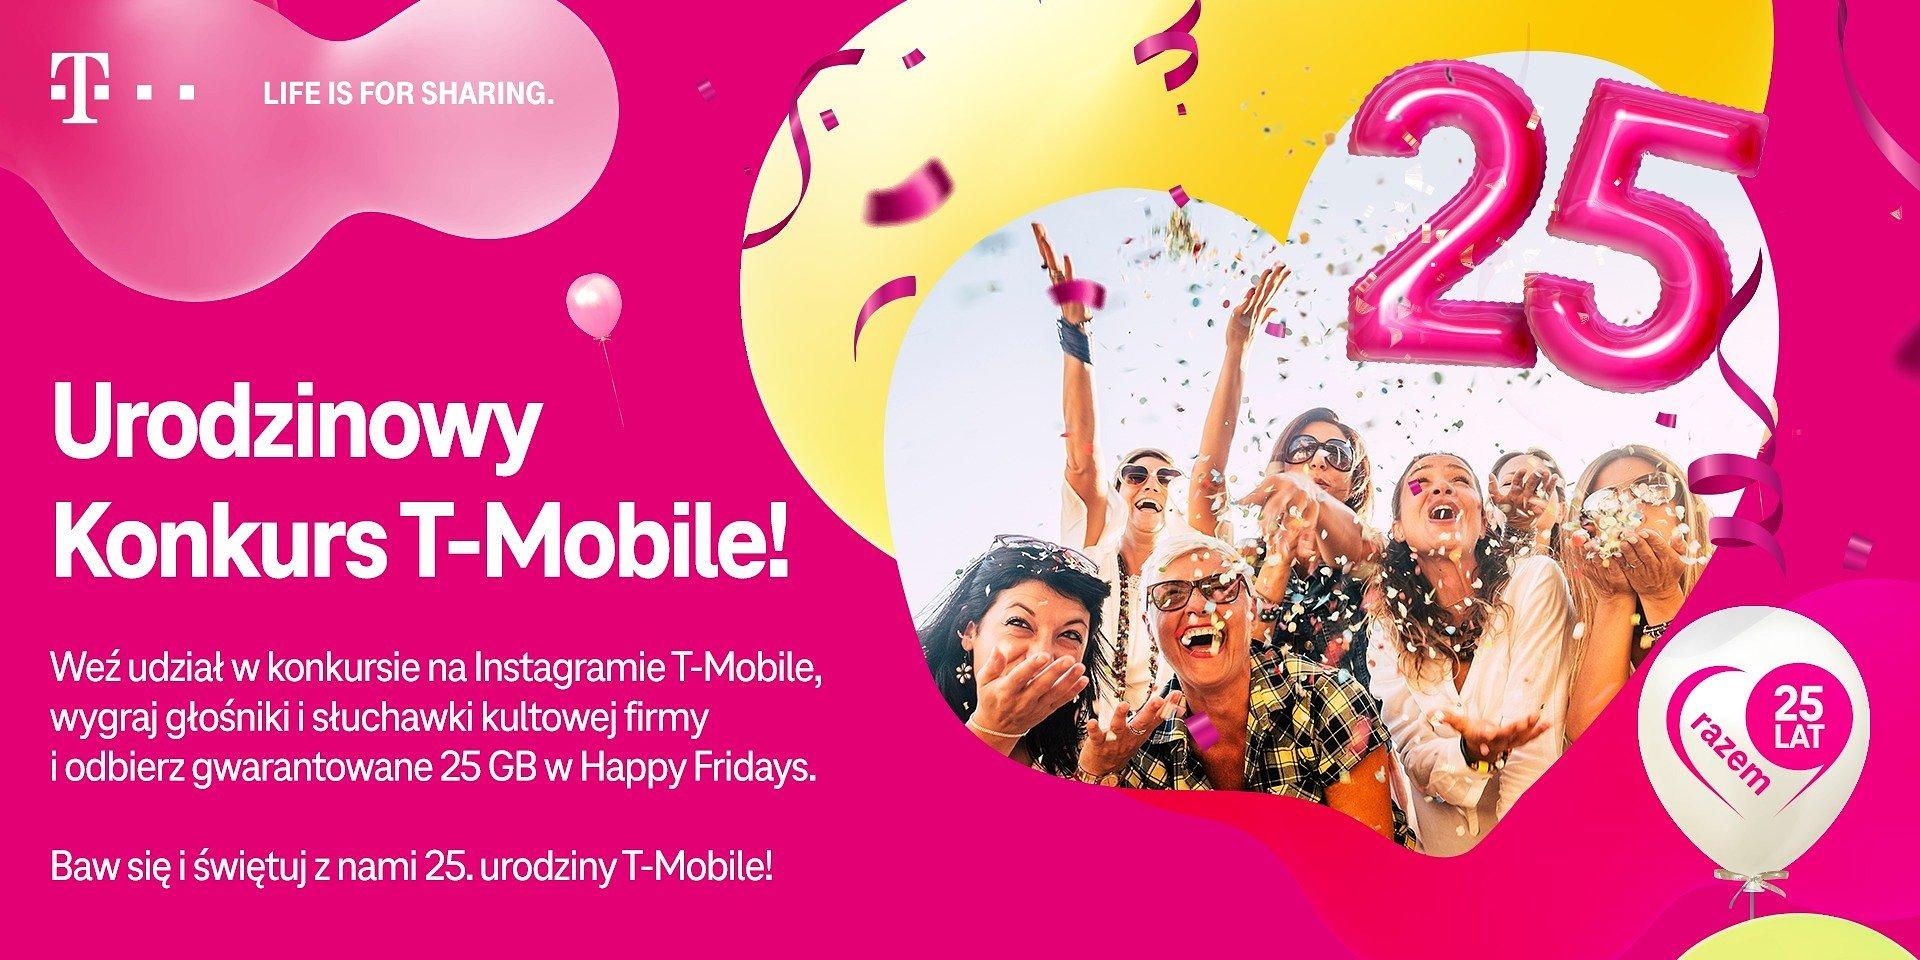 T-Mobile ożywia wspomnienia w urodzinowym konkursie